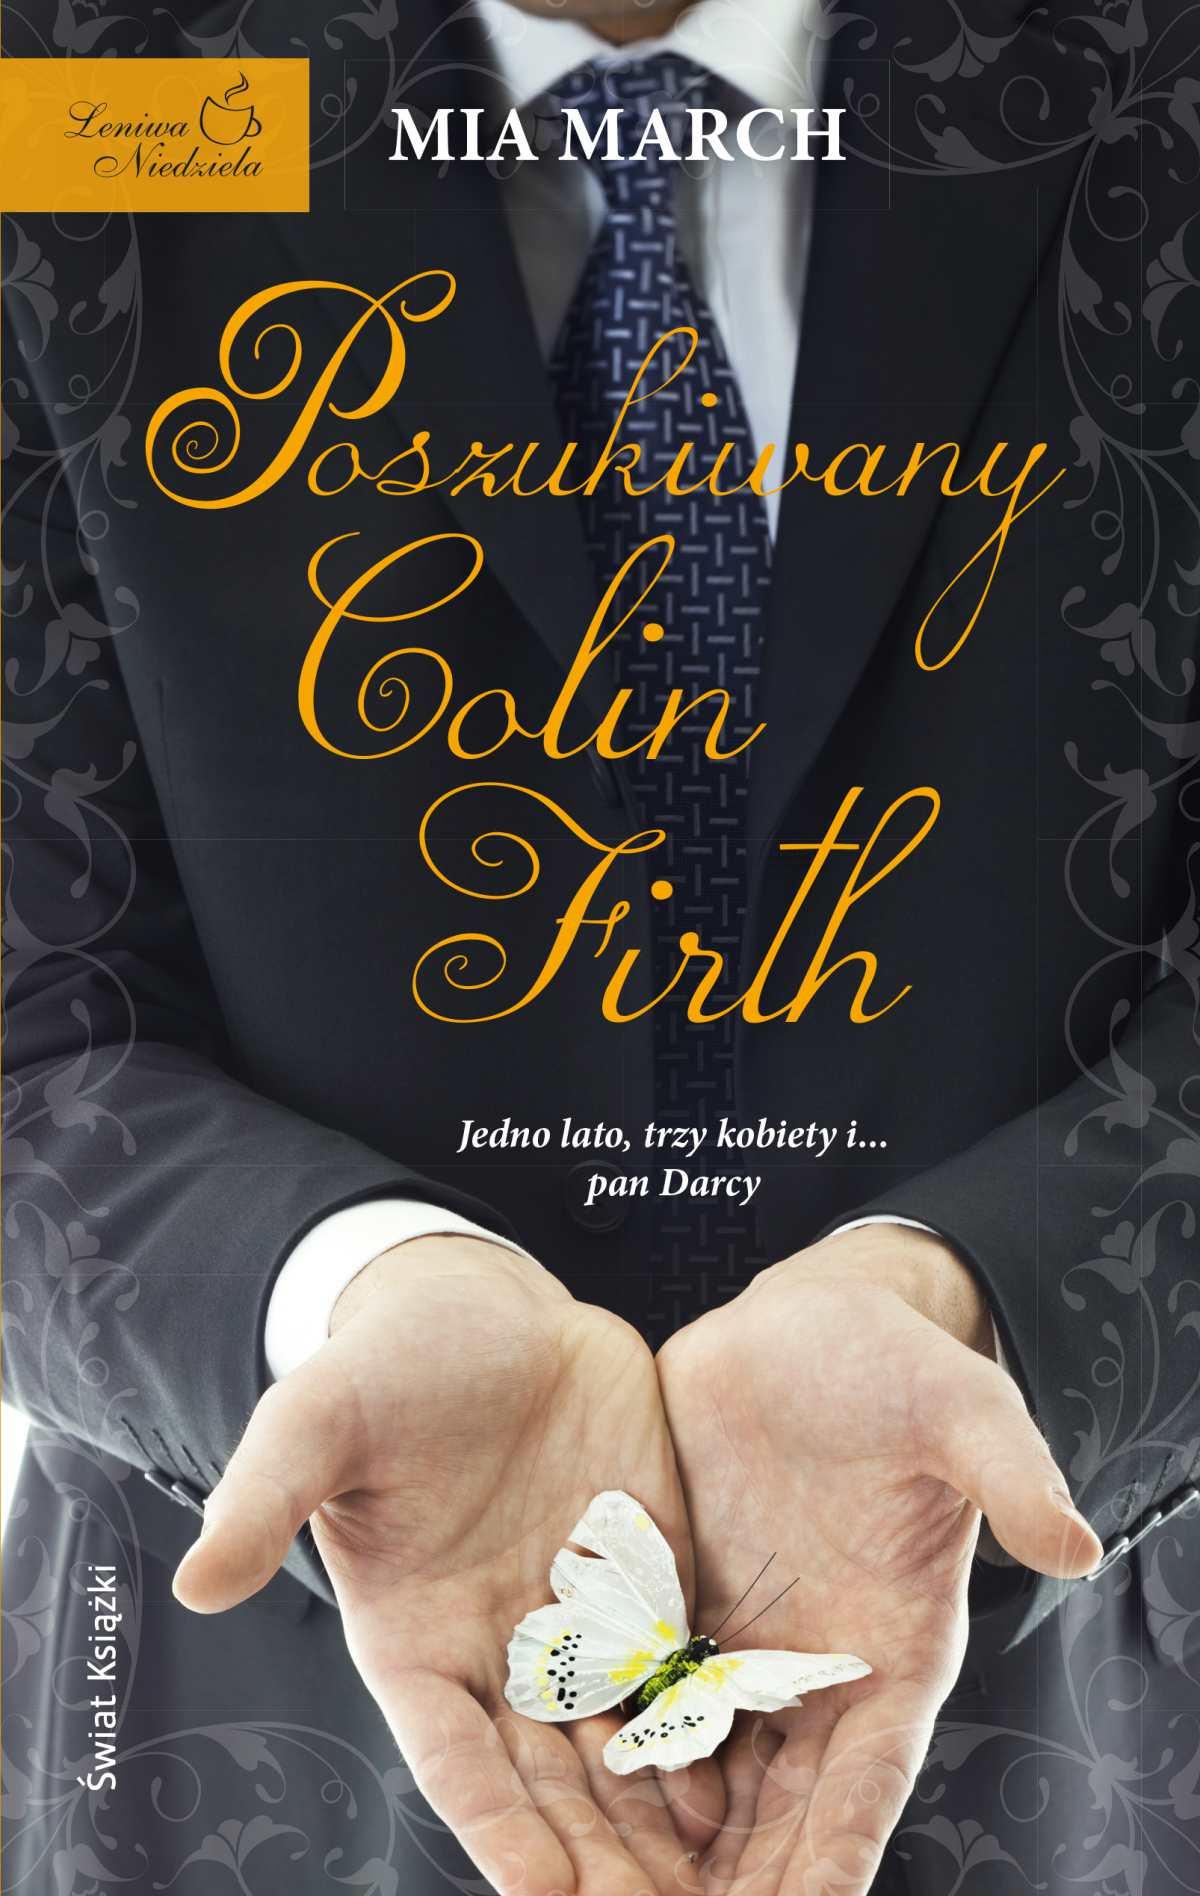 Poszukiwany Colin Firth - Ebook (Książka na Kindle) do pobrania w formacie MOBI